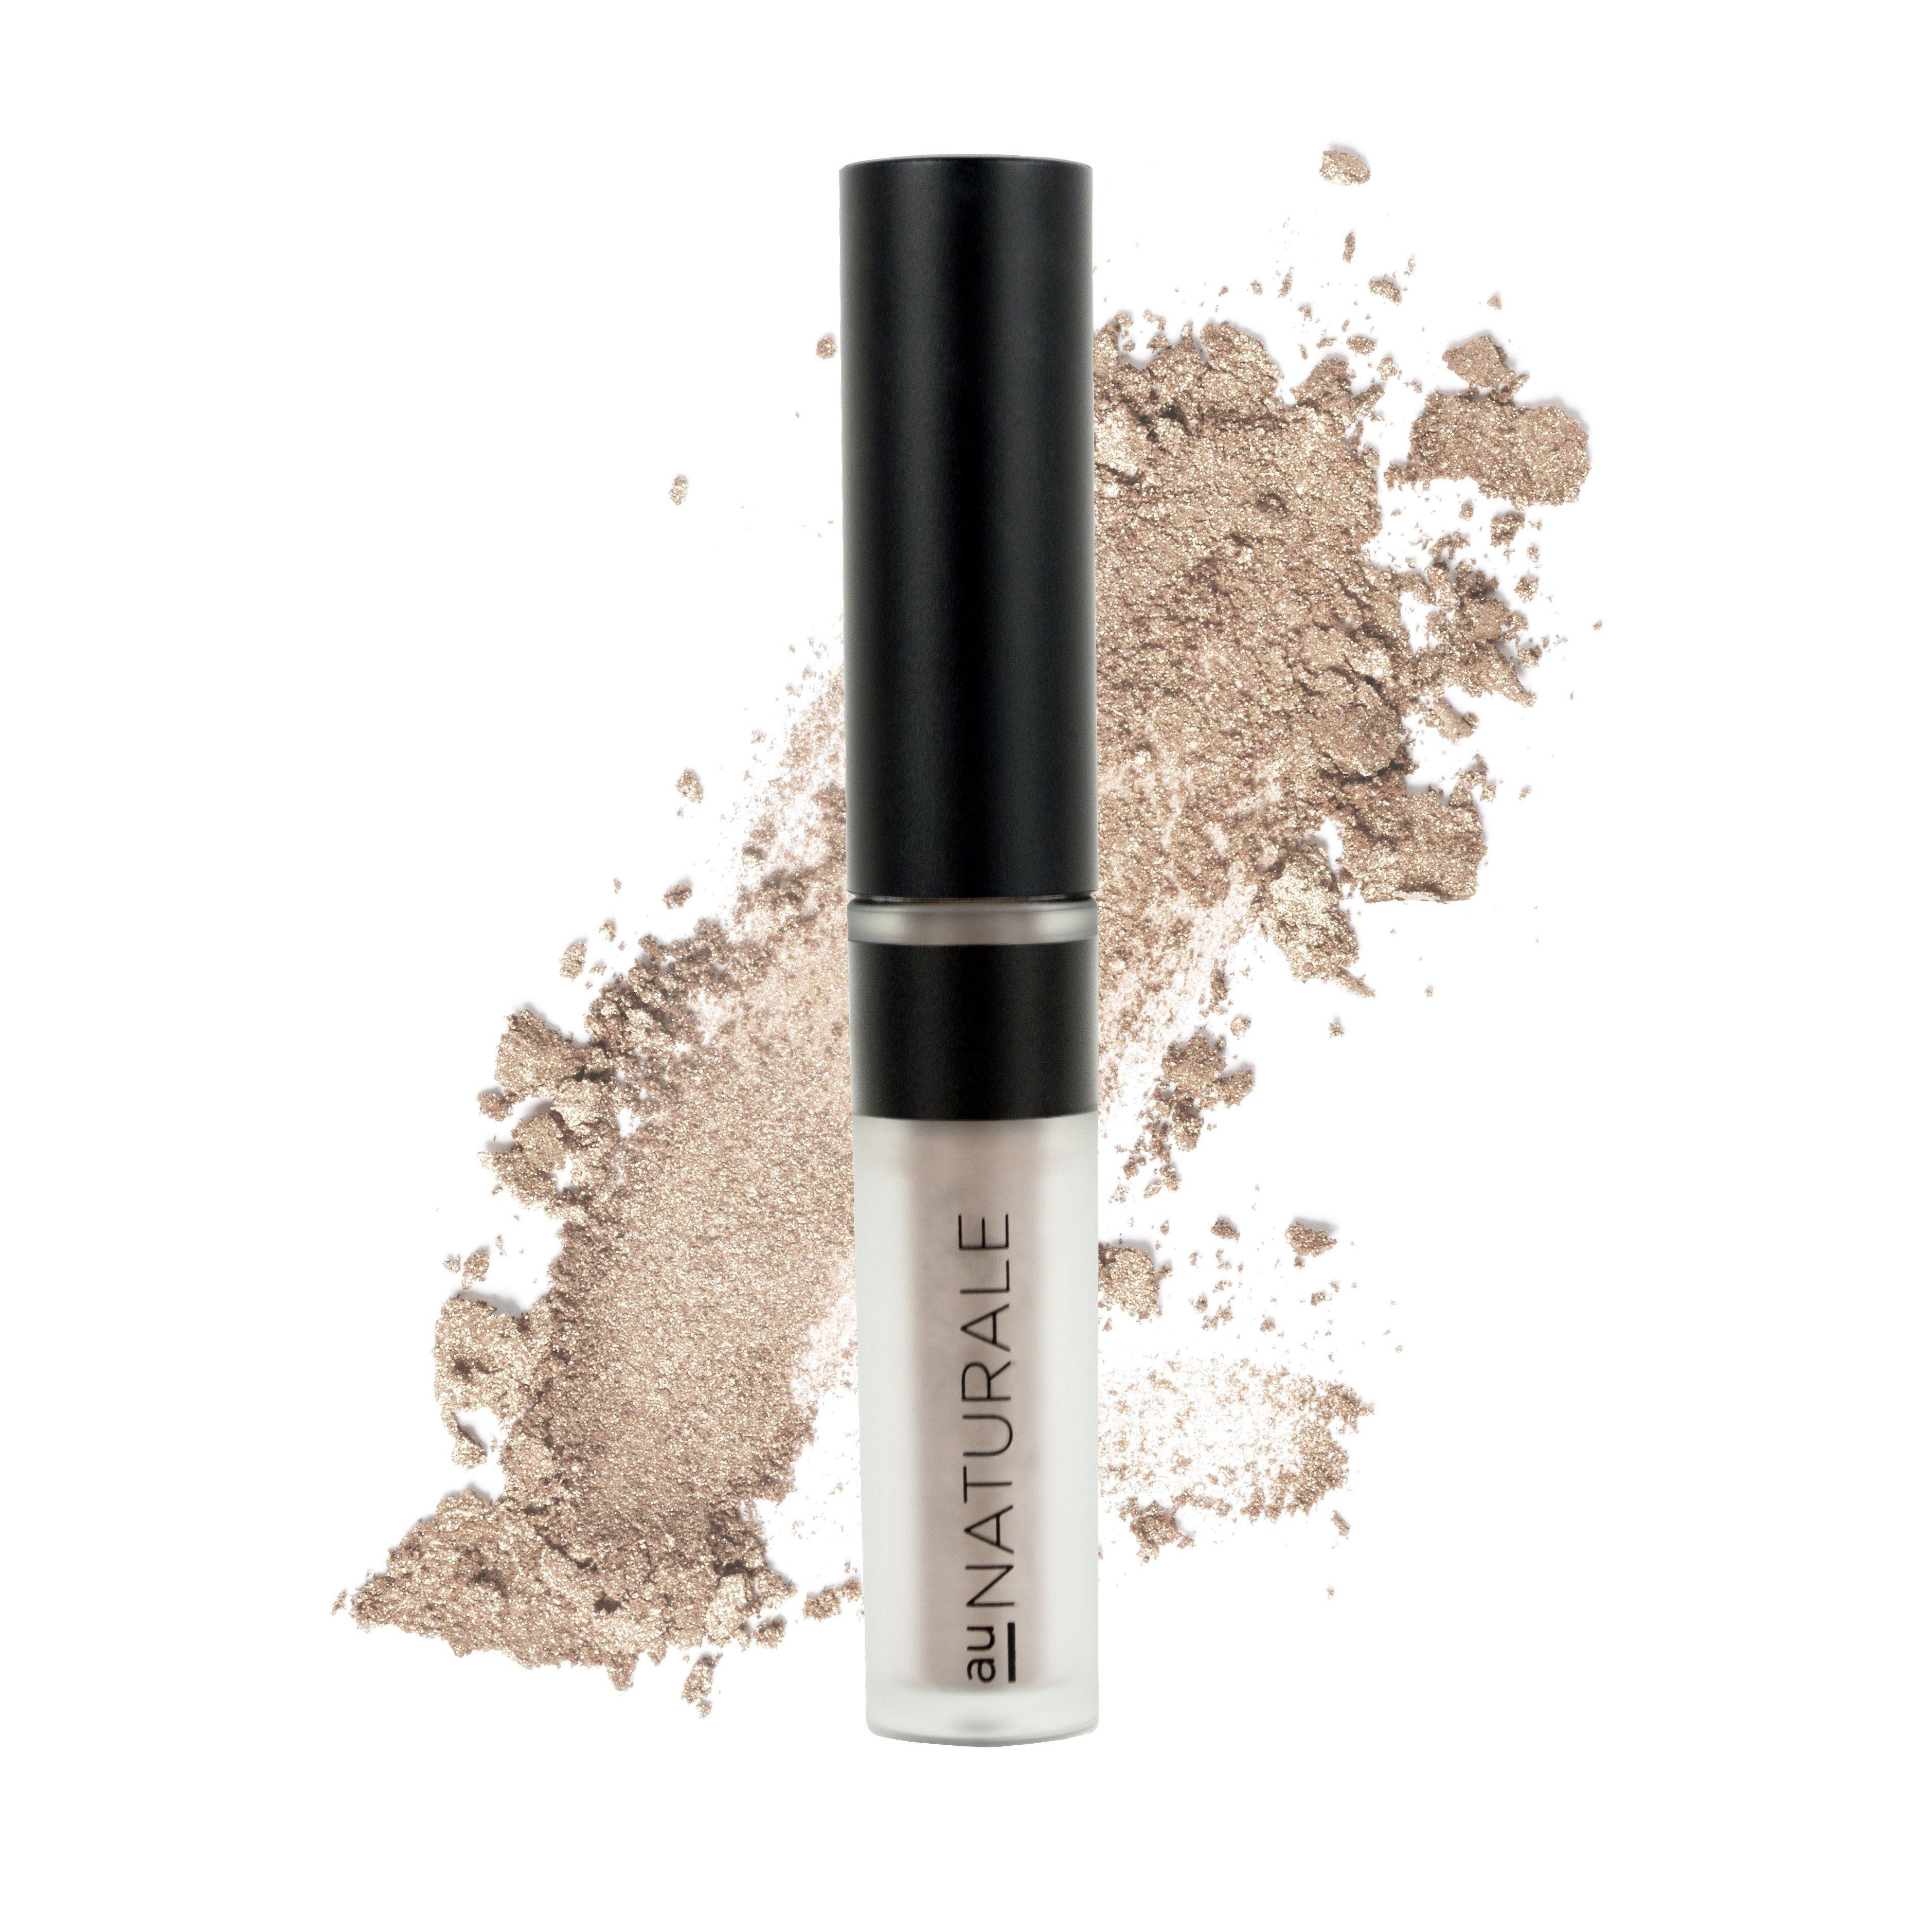 Au Naturale Super Fine Powder Eye Shadow Eyeshadow